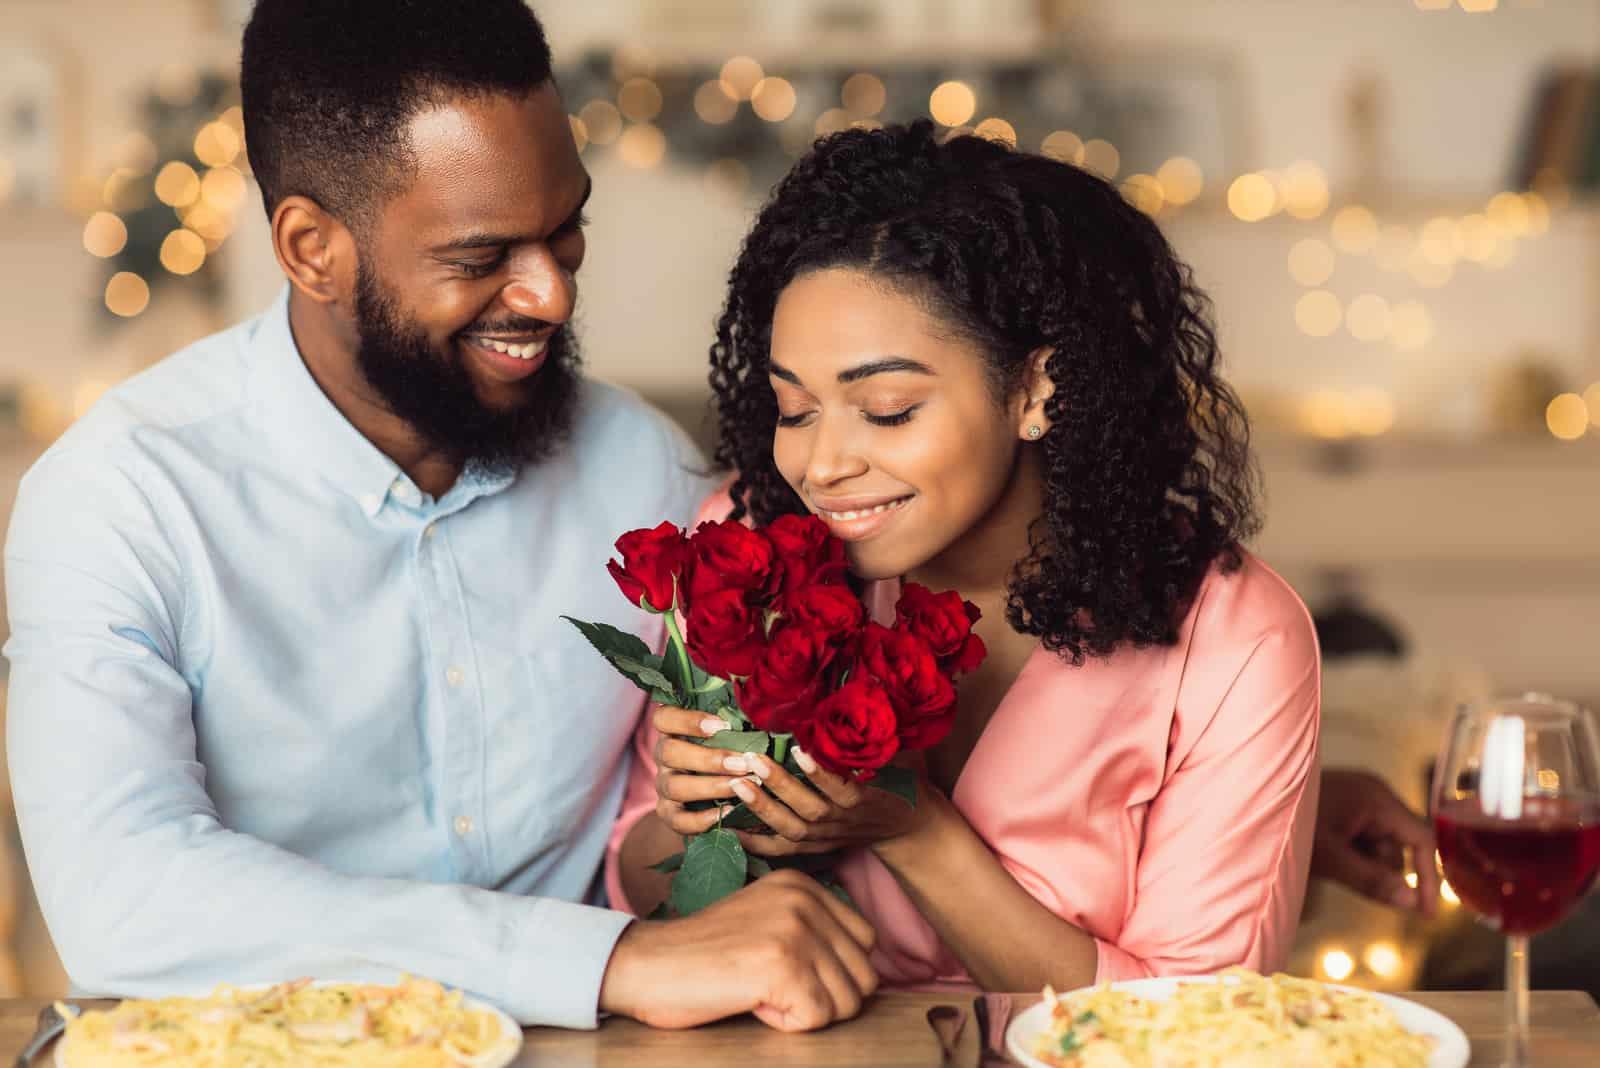 un homme a acheté un bouquet de roses à une femme